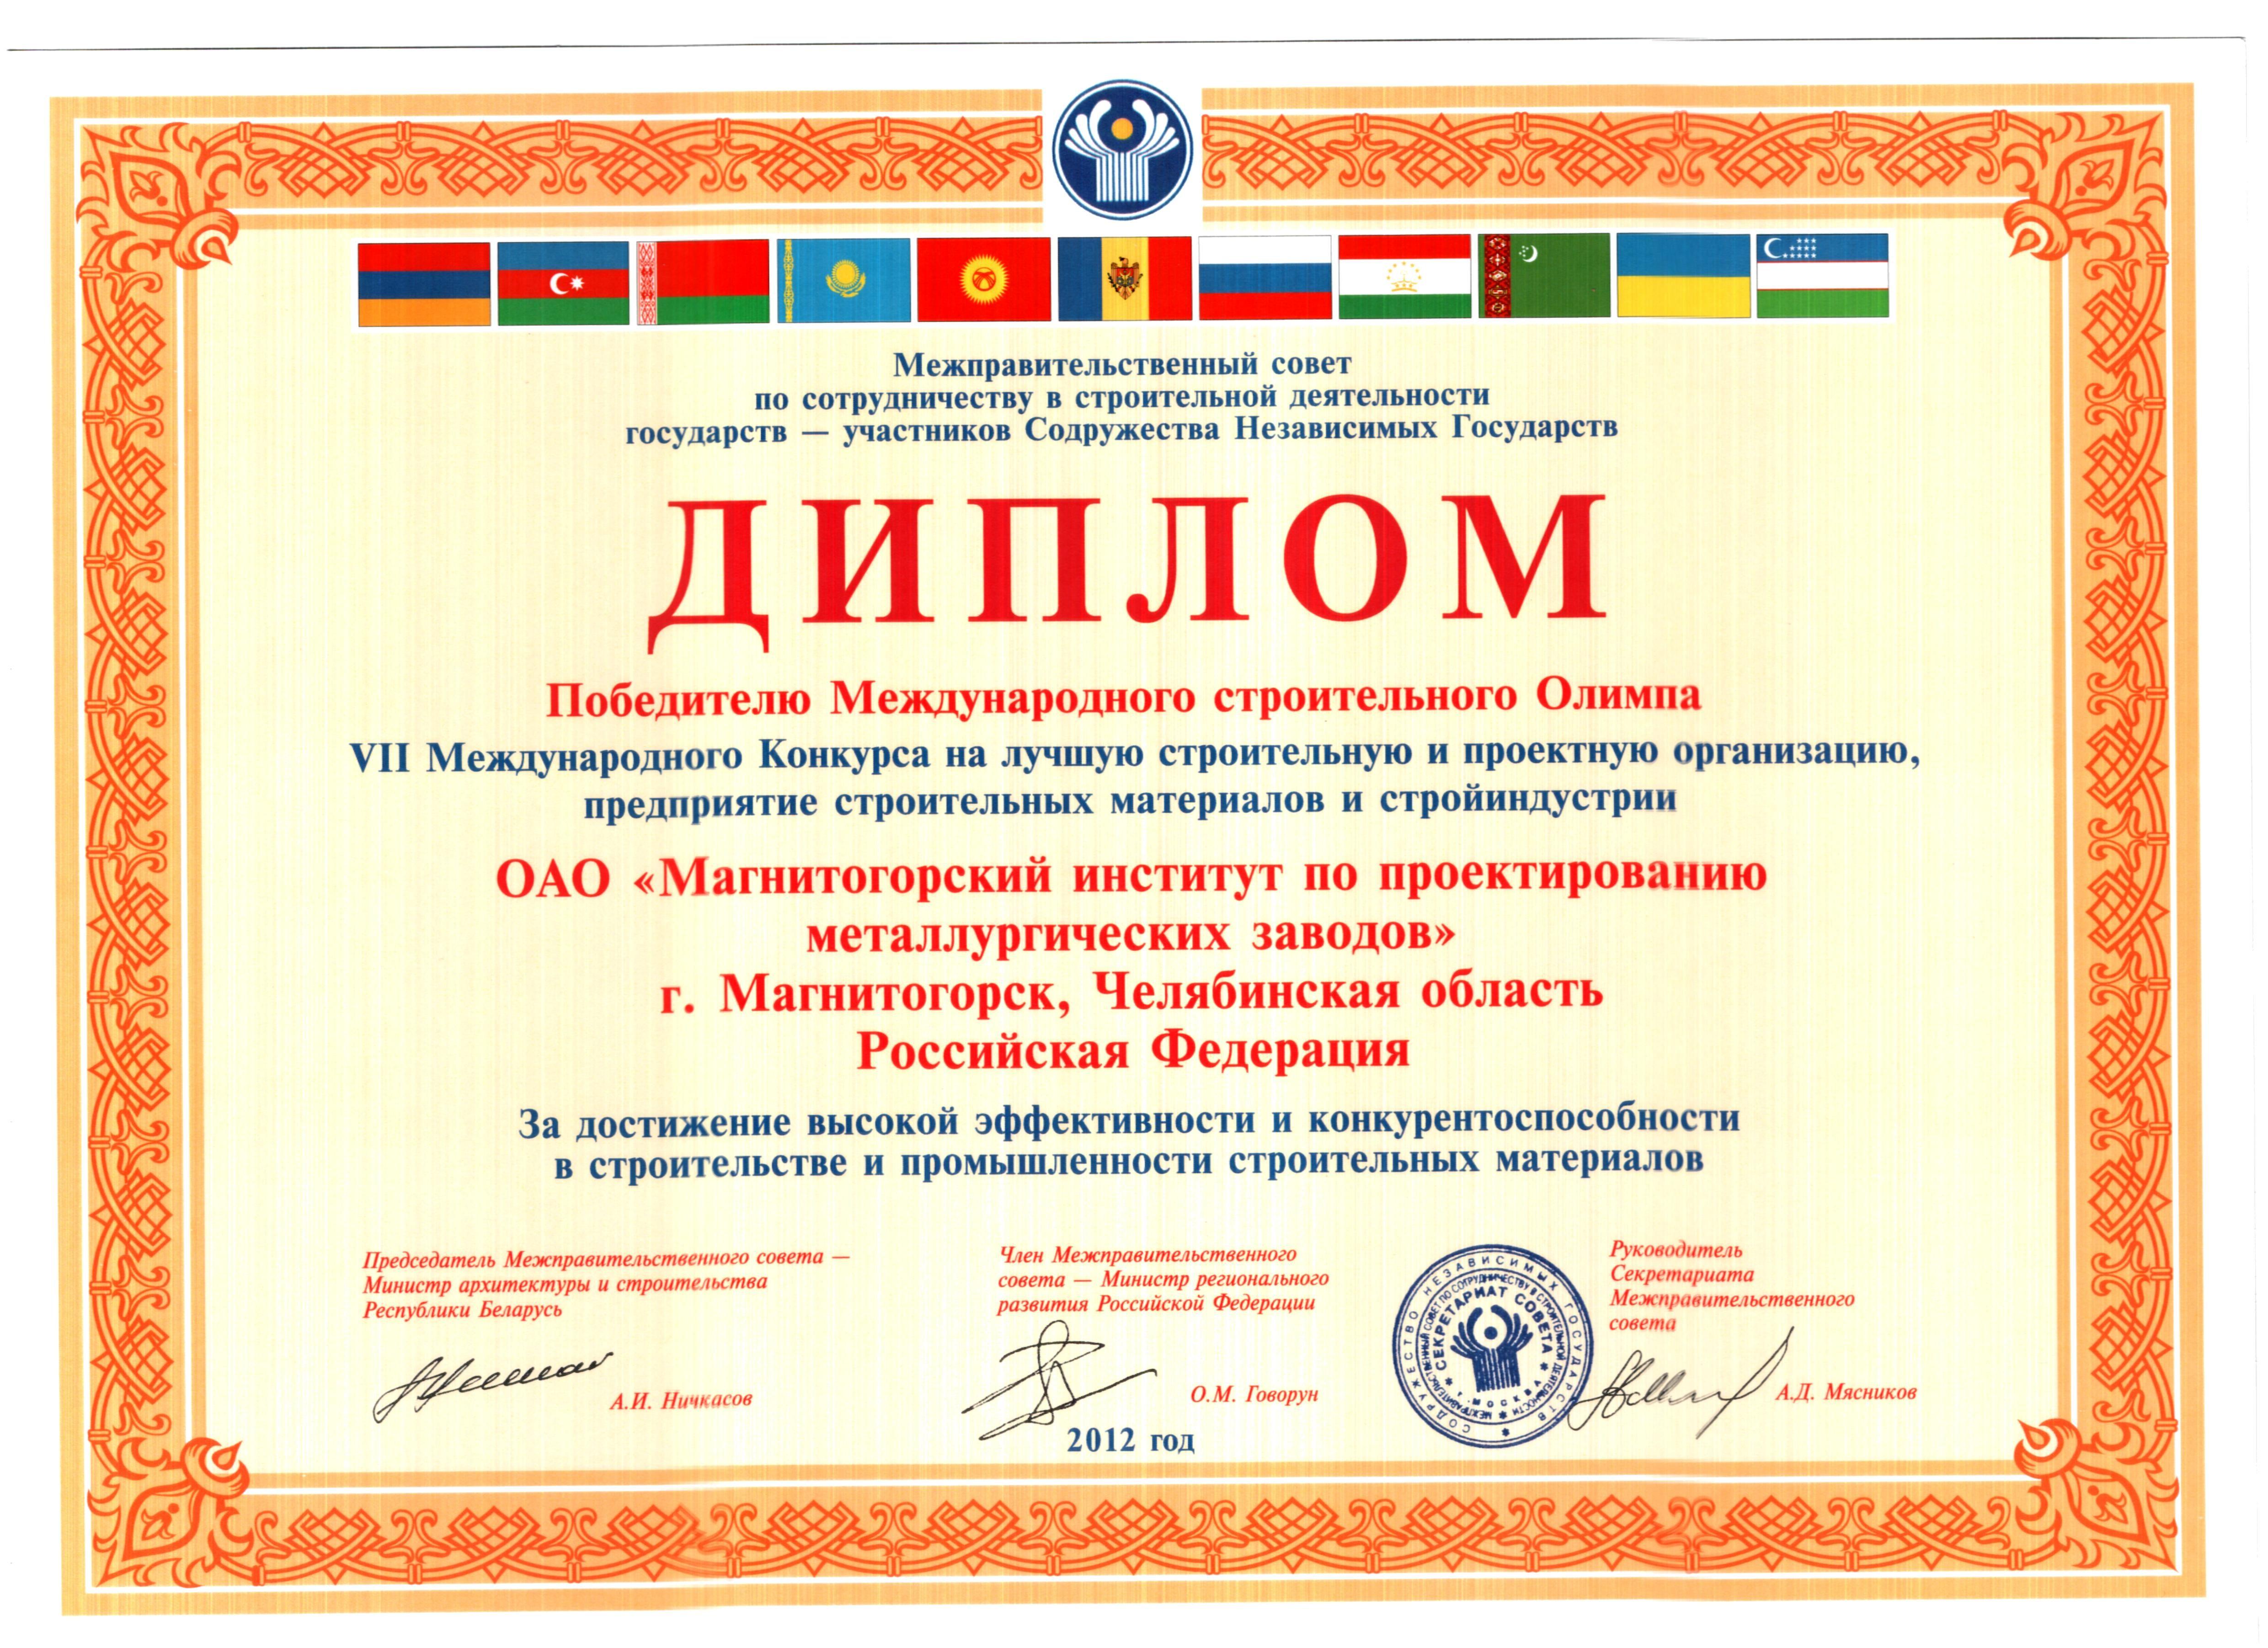 menulevel2_diplom SNG 2012.jpg